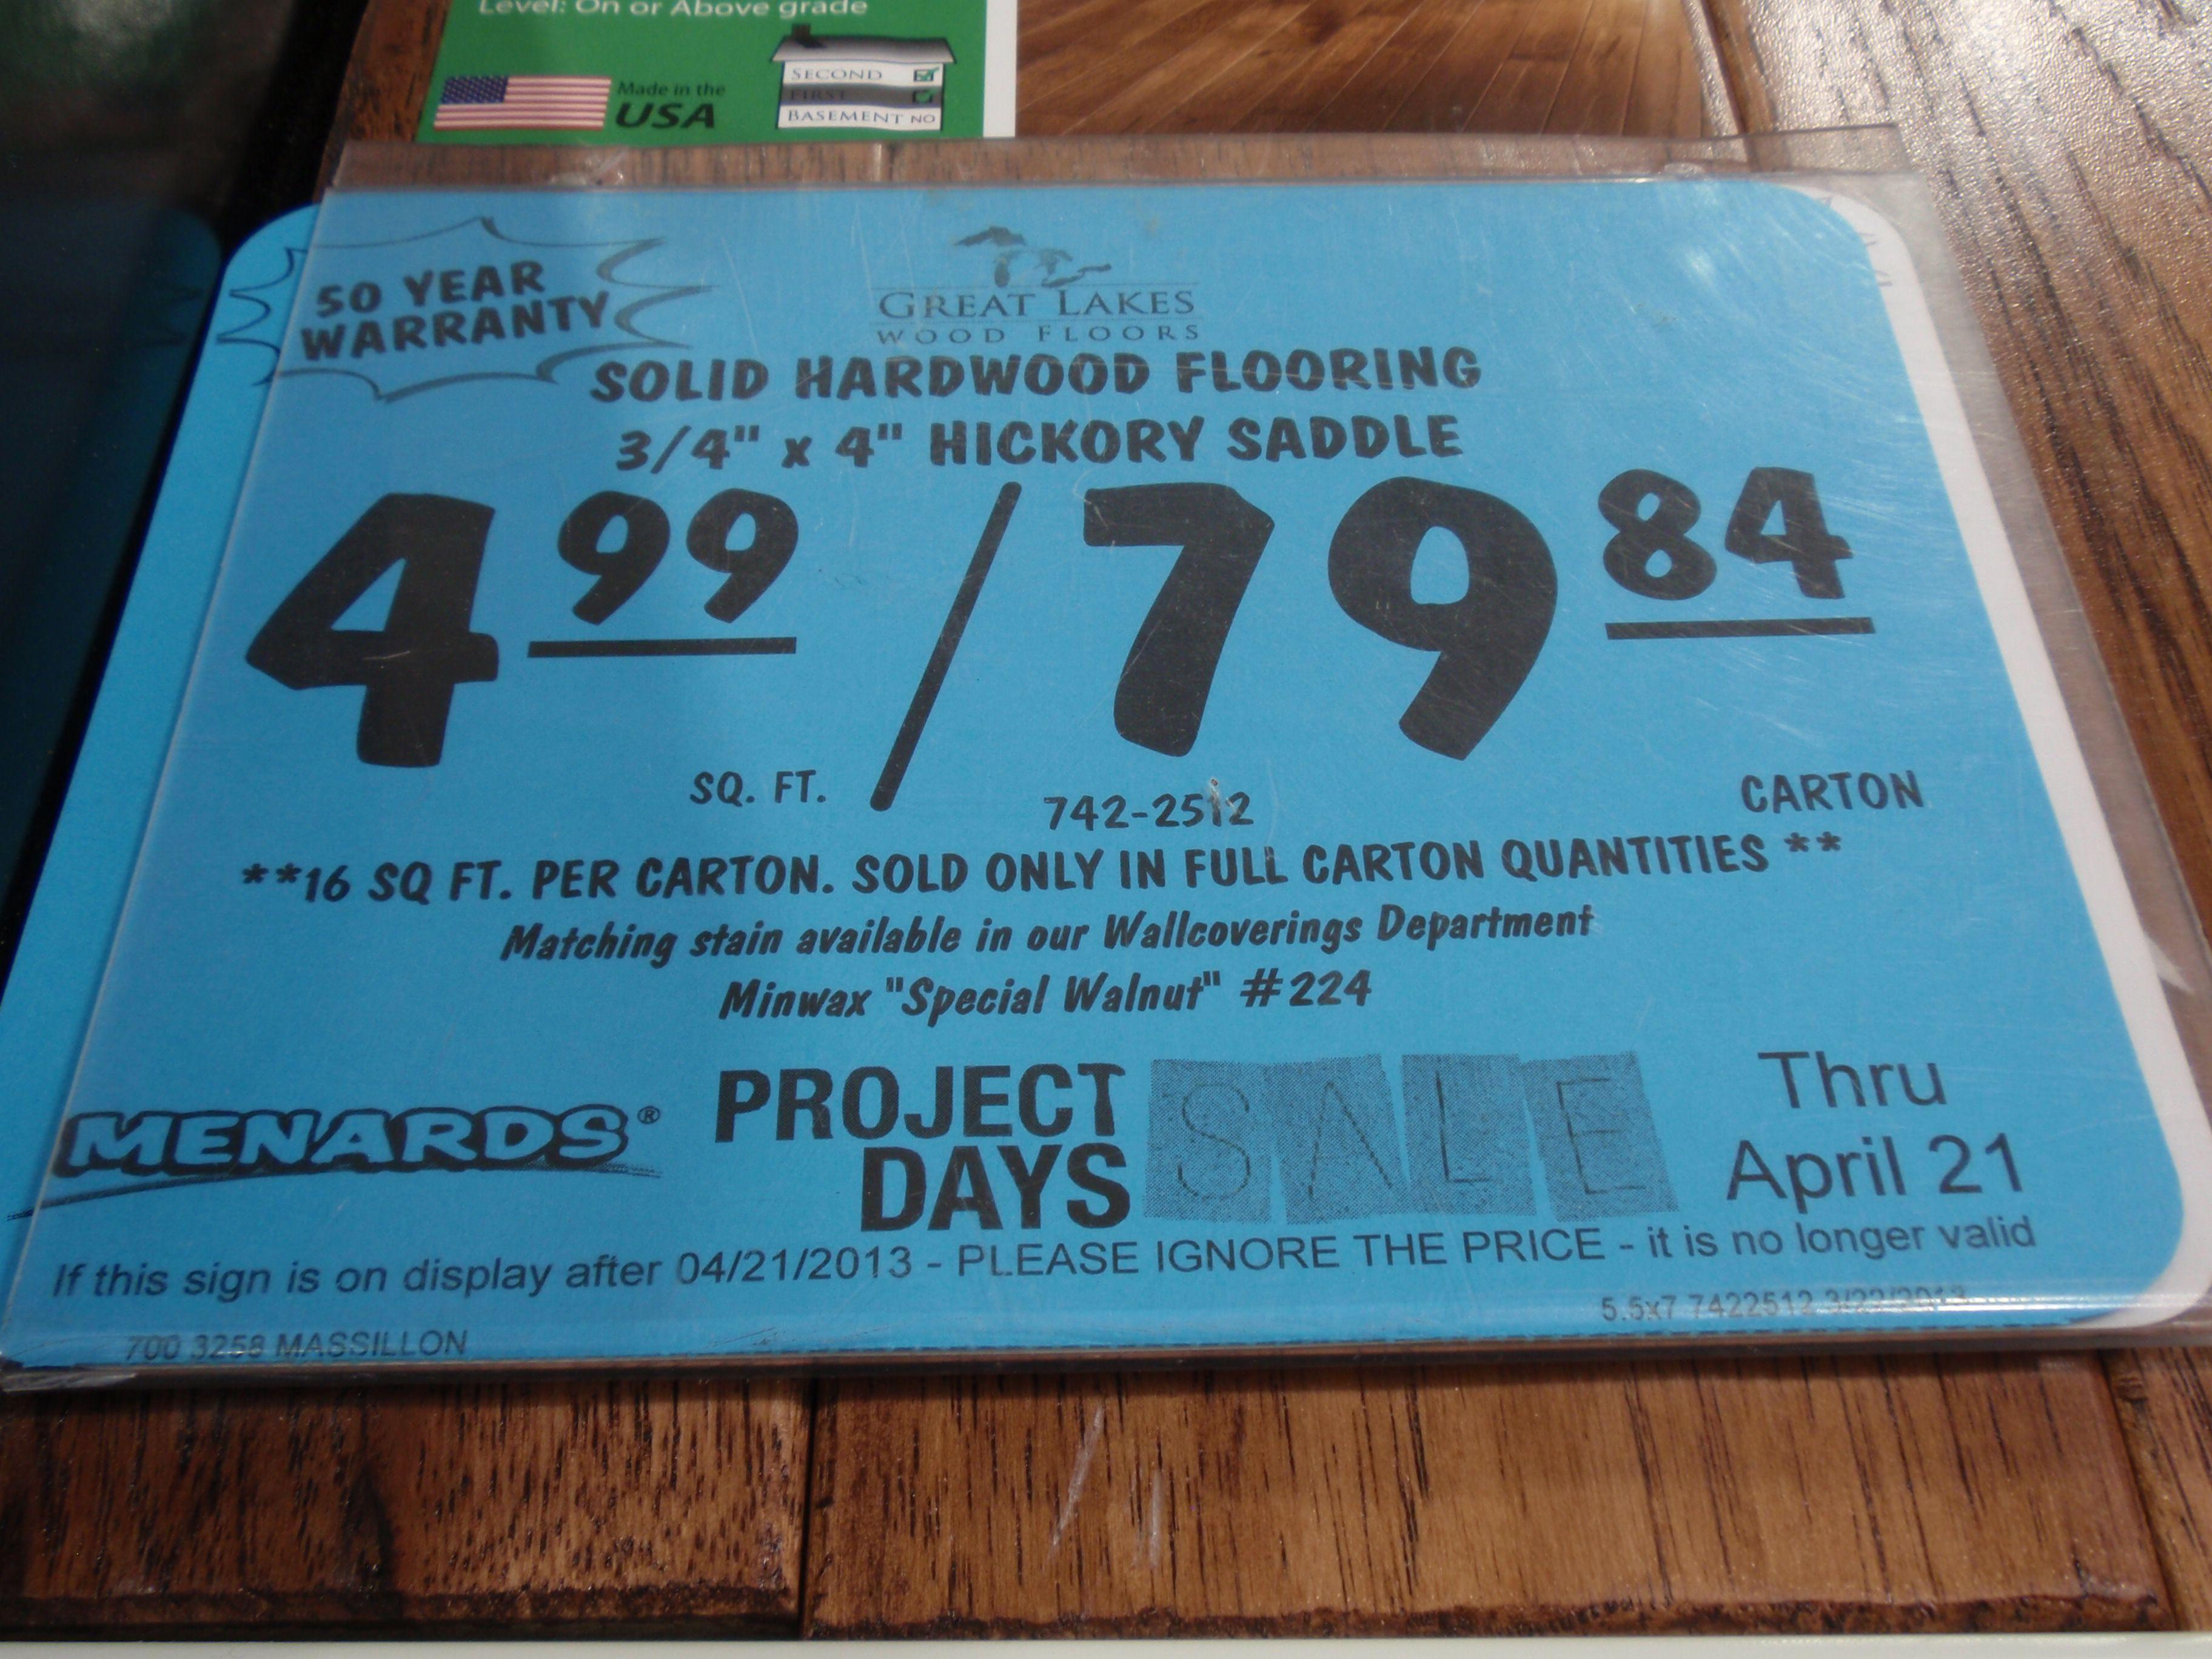 floor prices at Menards